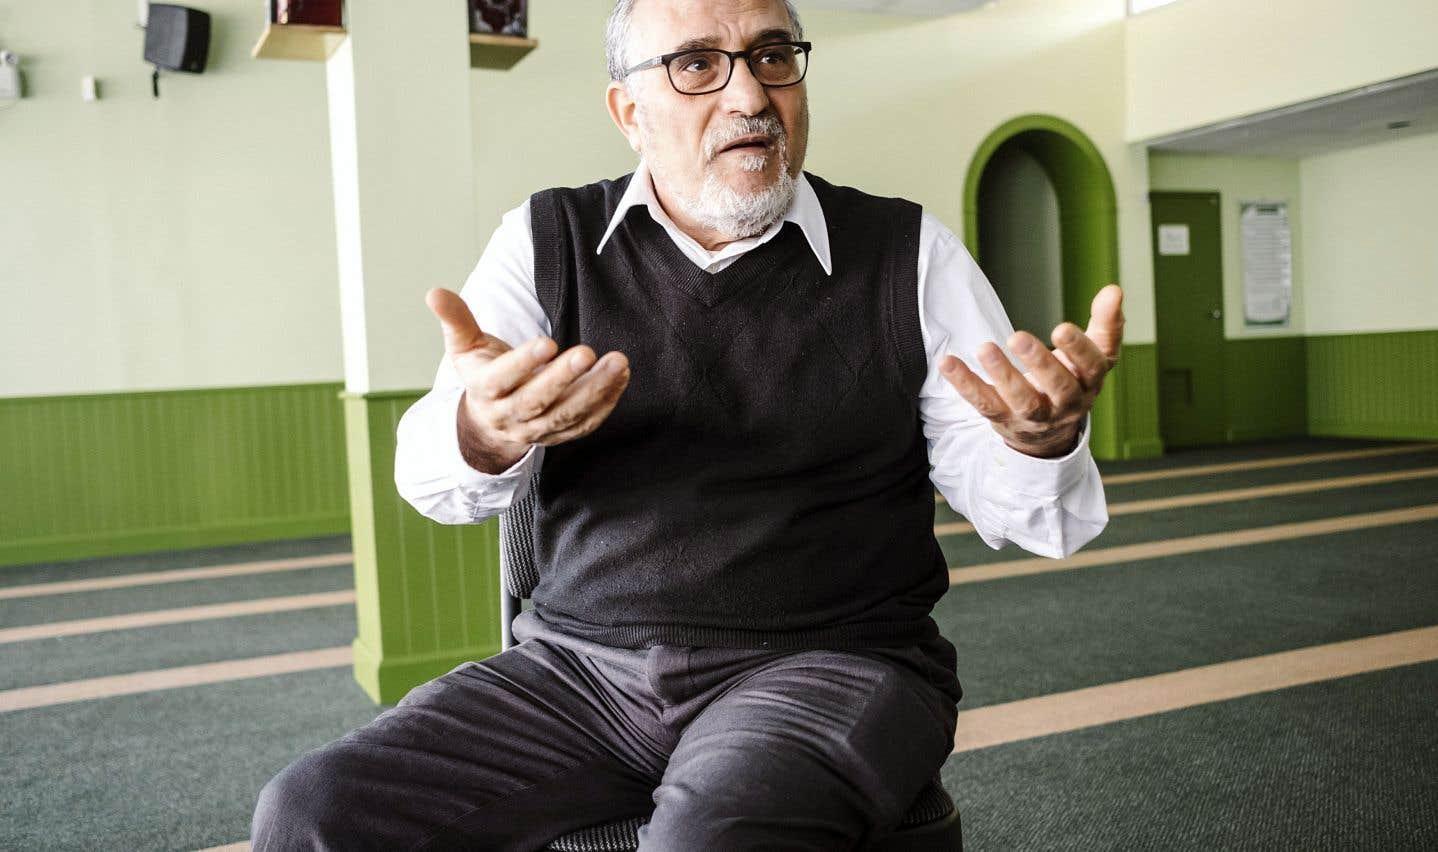 L'imam du Centre culturel islamique de Québec, Mohamed Labidi, qui a vu sa voiture incendiée en août dernier, ressent toujours l'insécurité vécue dans sa communauté.